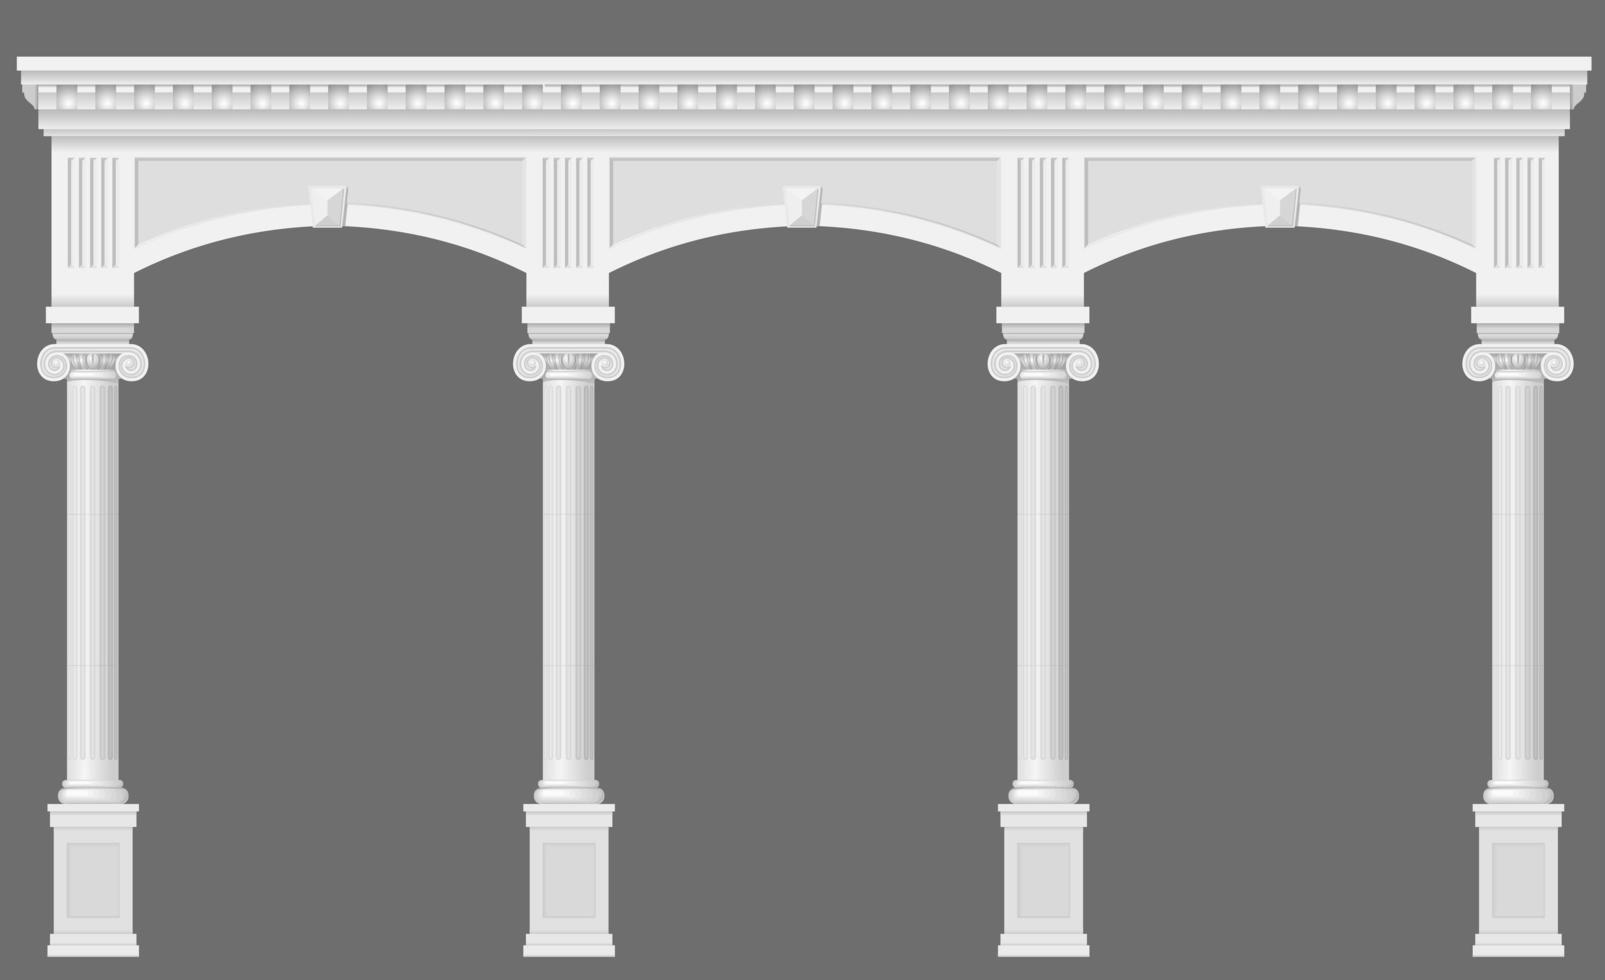 antik vit kolonnad med bågar vektor